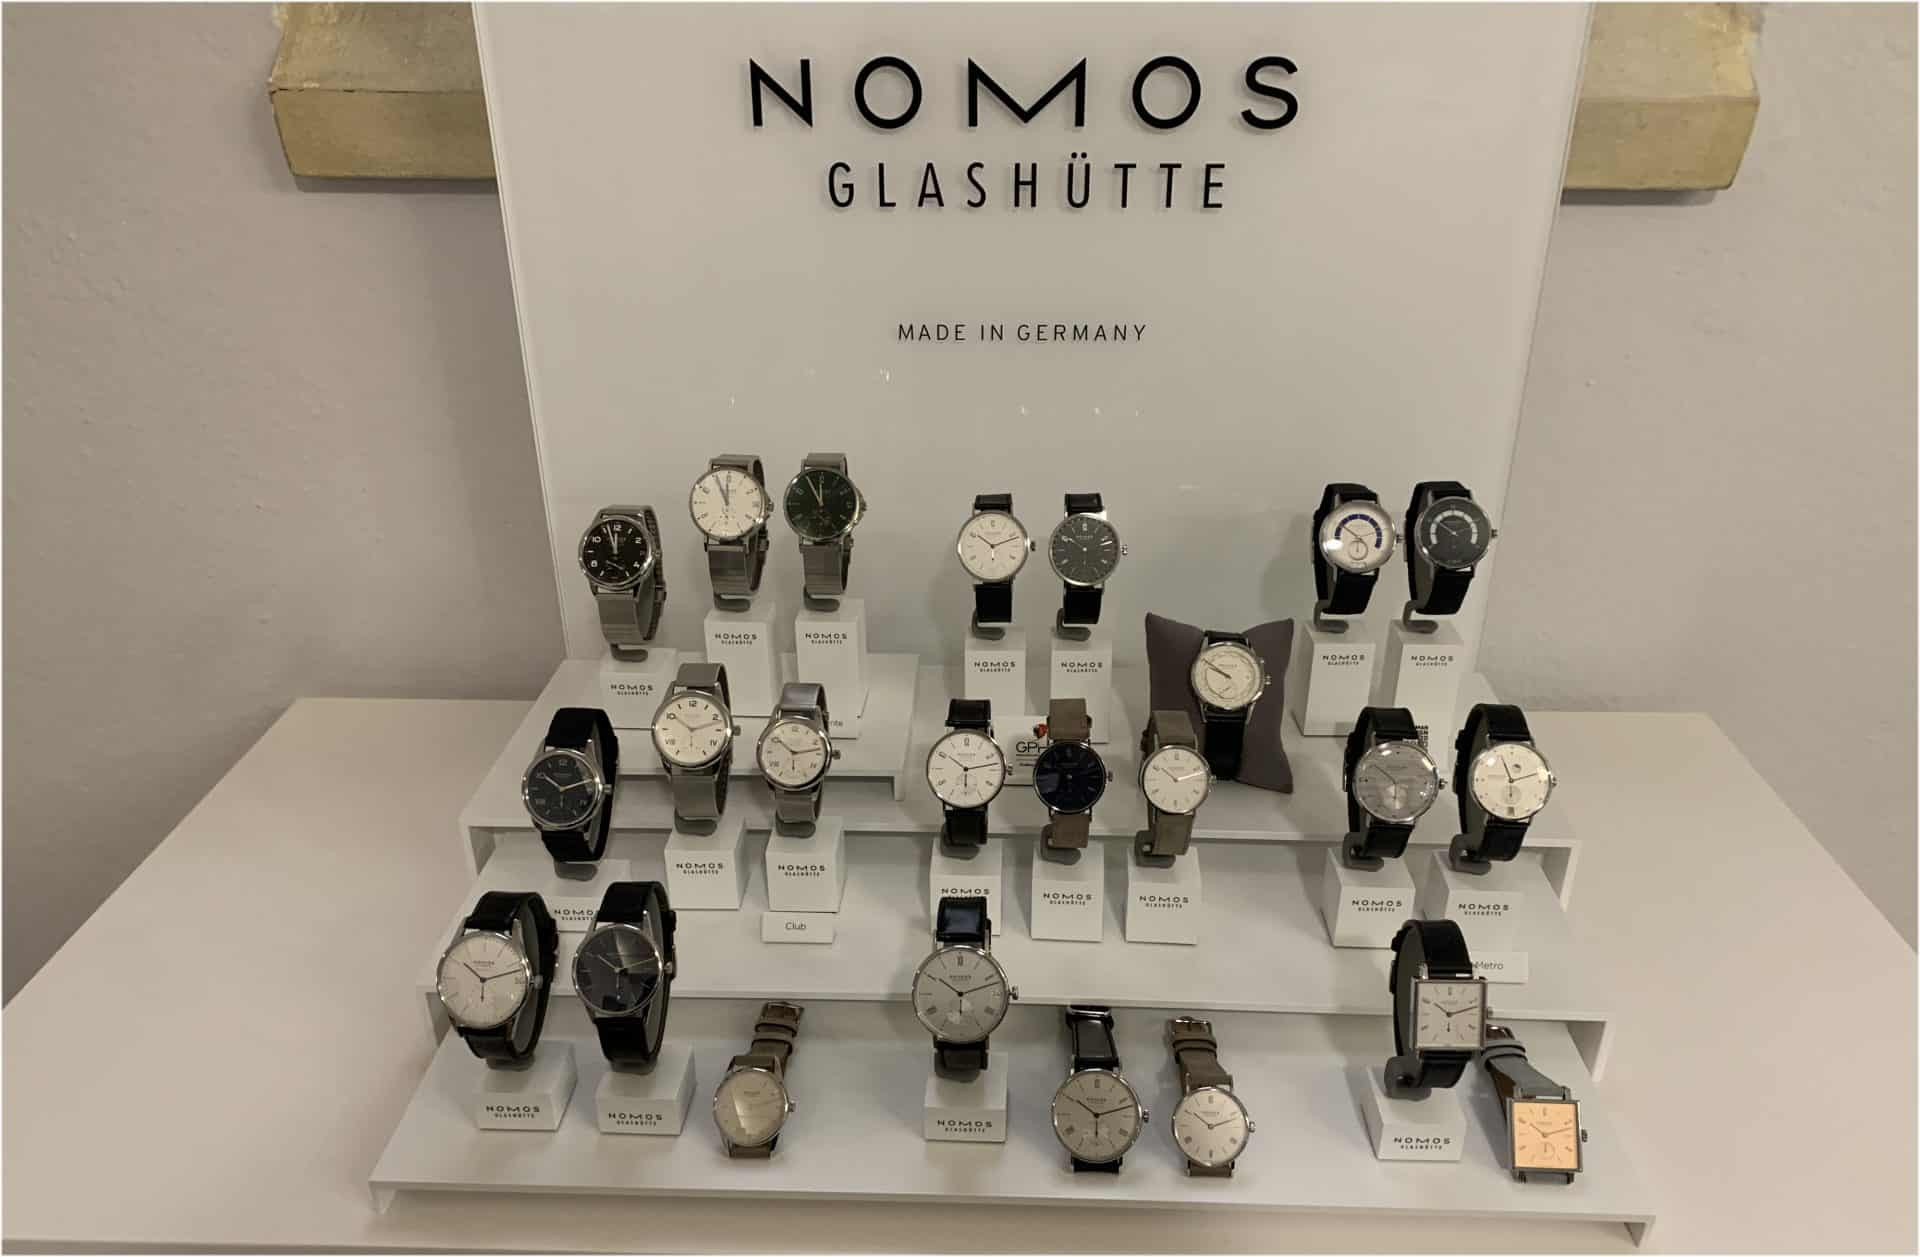 die breit gefächerte, stets jedoch zurückhaltend auftretende Uhrenkollektion von Nomos Glashütte